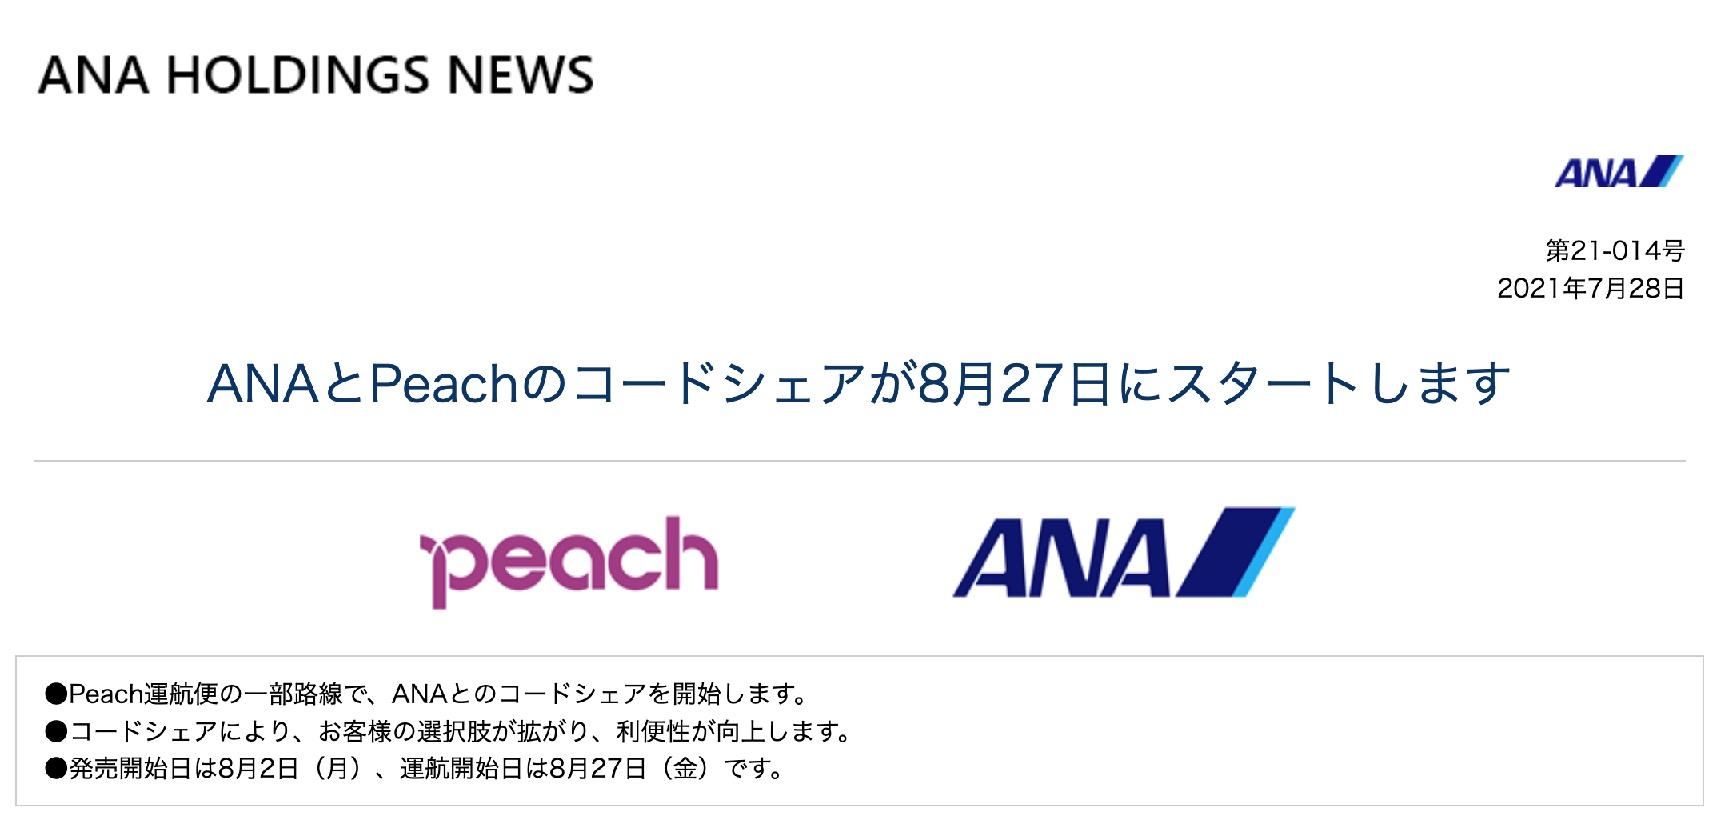 ANAがPeach(ピーチ)とのコードシェアを開始(Top画像)